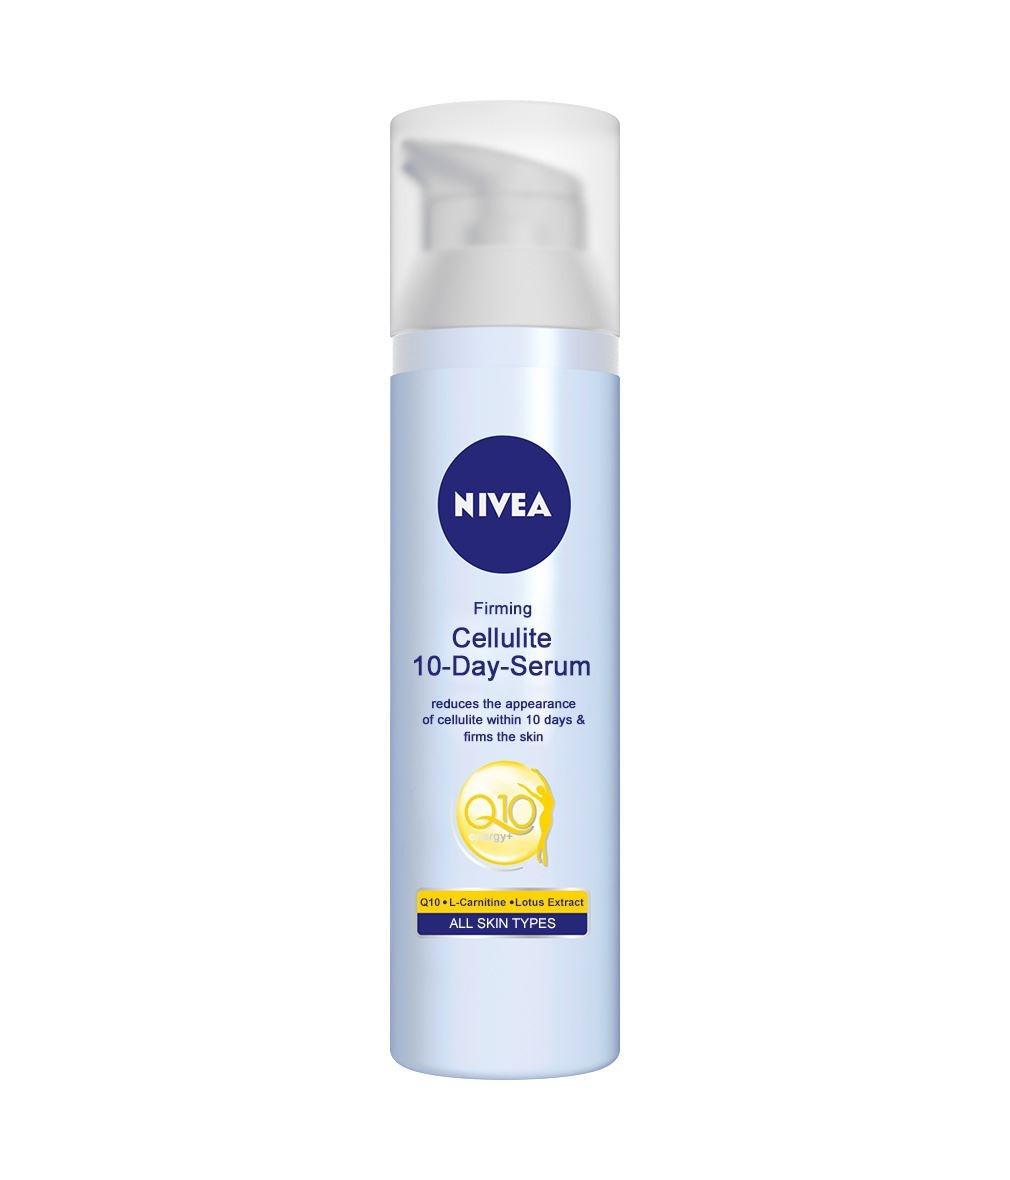 НИВЕА Q10+ ФИРМИНГ Стягащ антицелулитен серум за тяло 75мл | NIVEA Q10+ FIRMING Cellulite 10 day serum 75ml